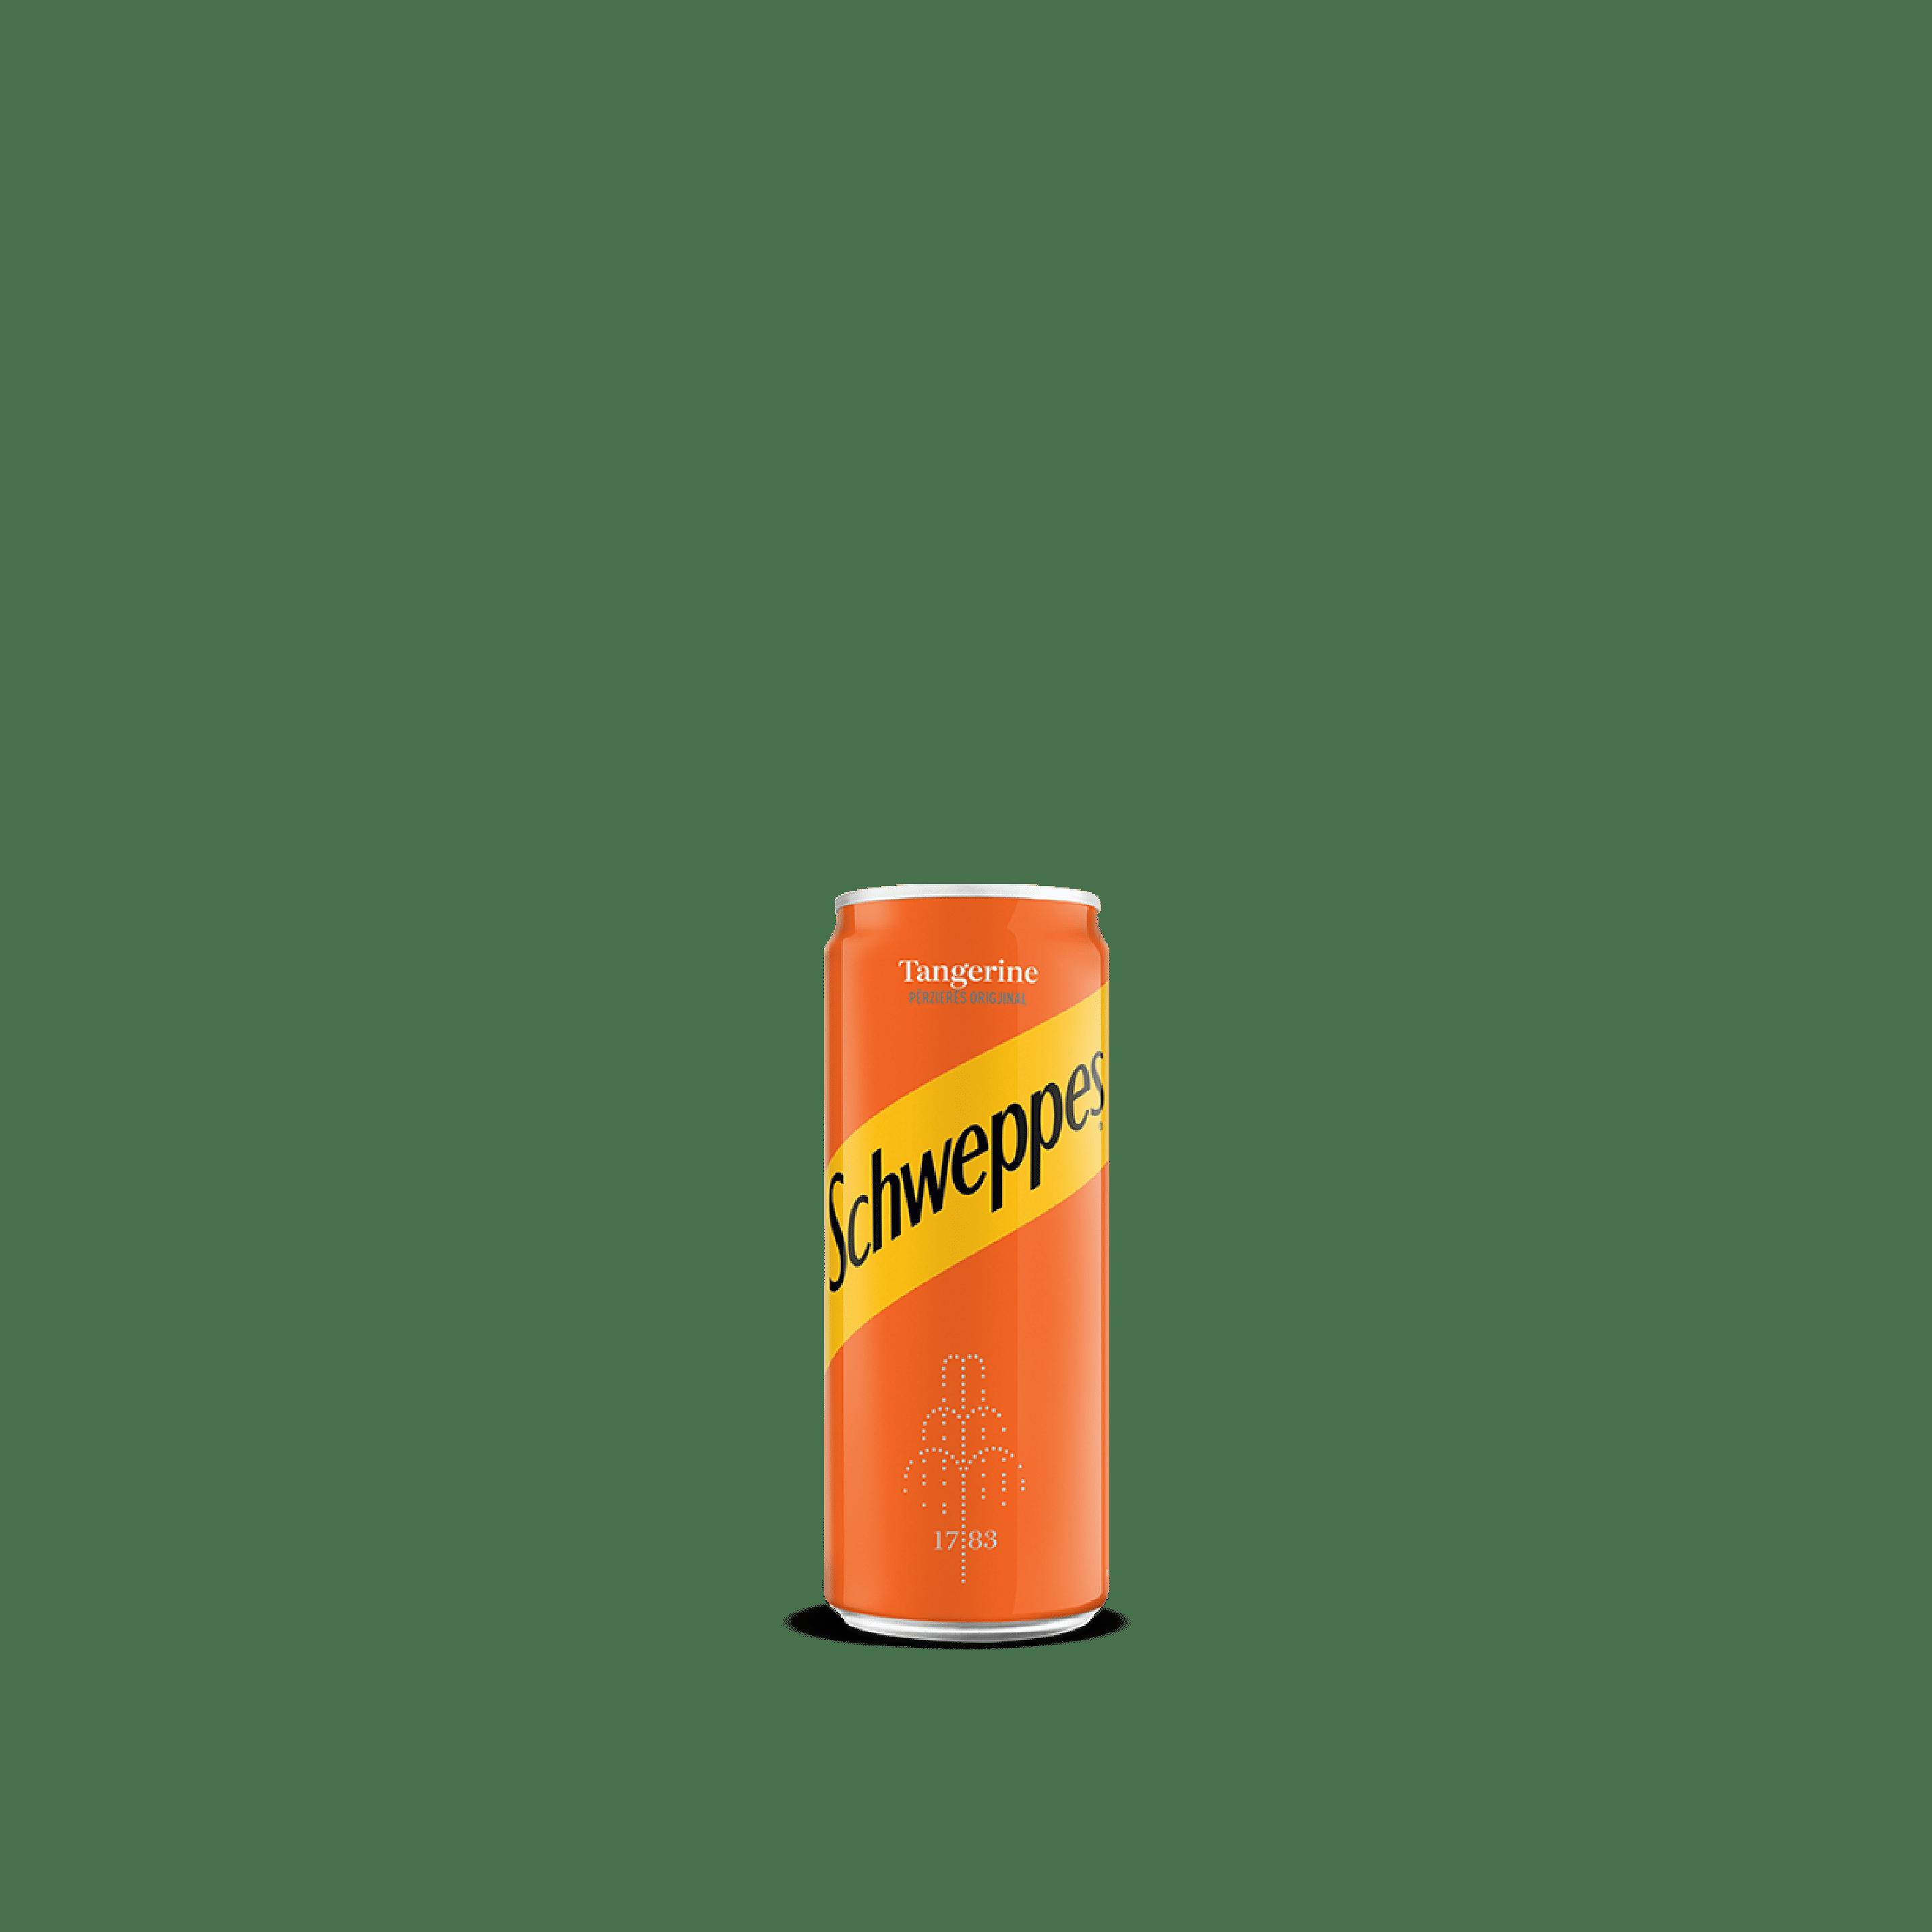 schweppes tangerine